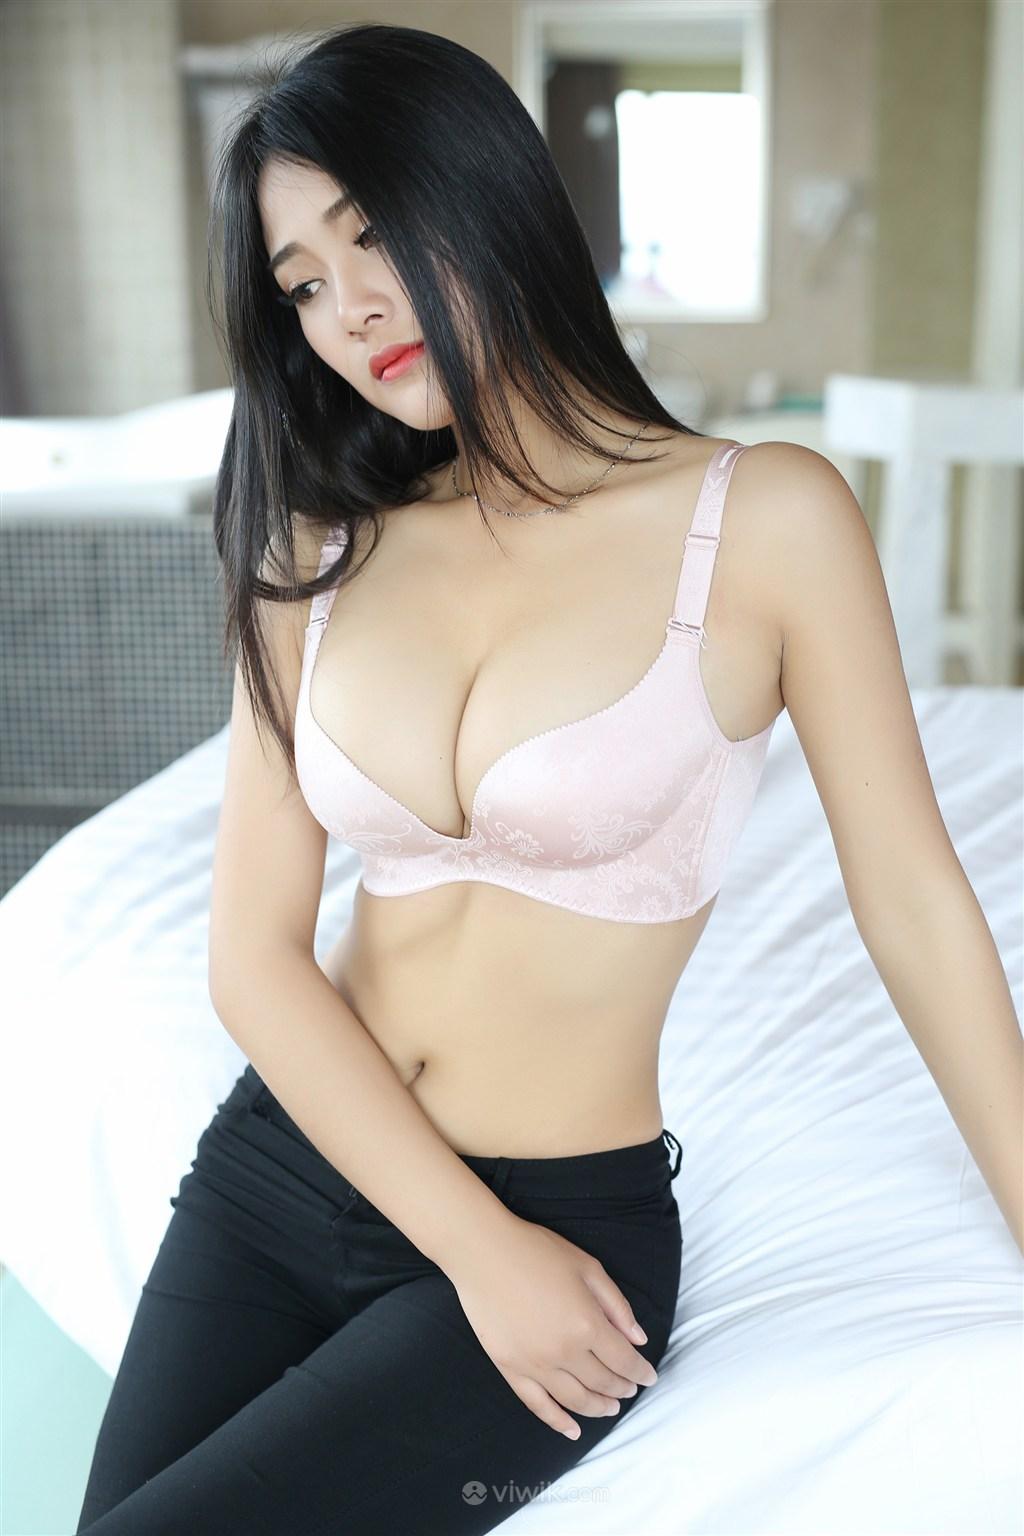 巨乳性感美女嫩模写真